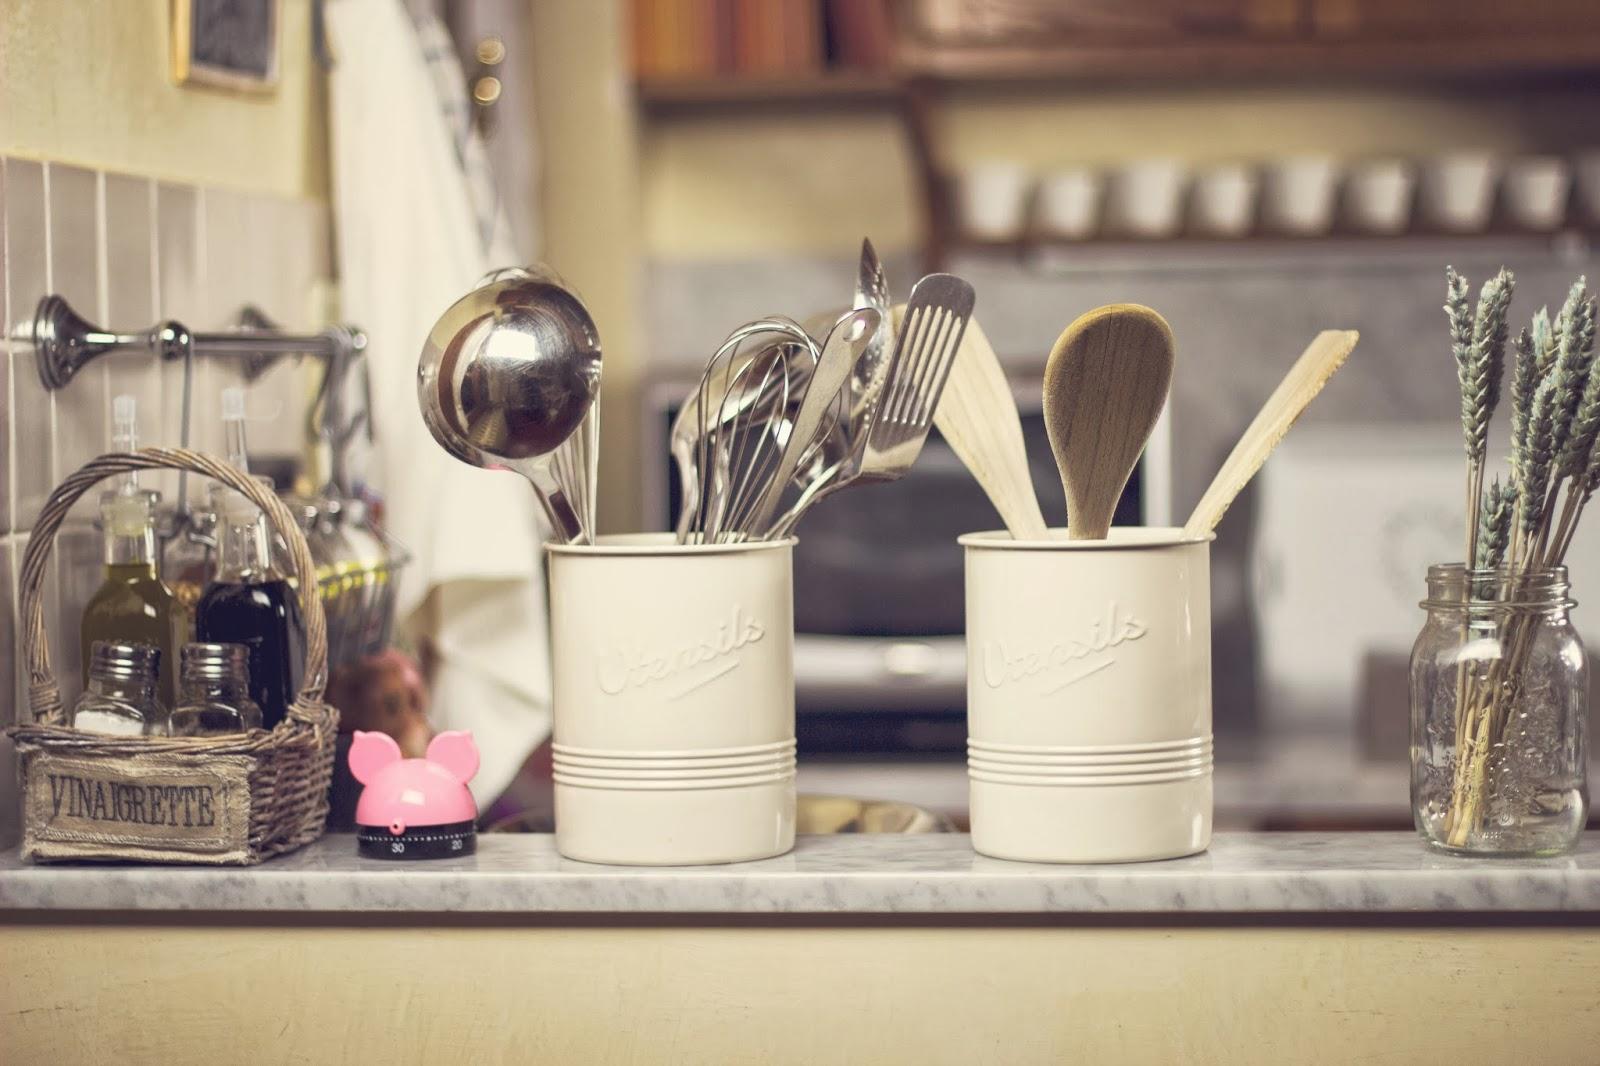 Elena tee kitchen decor angoli della mia cucina - Barattoli cucina maison du monde ...